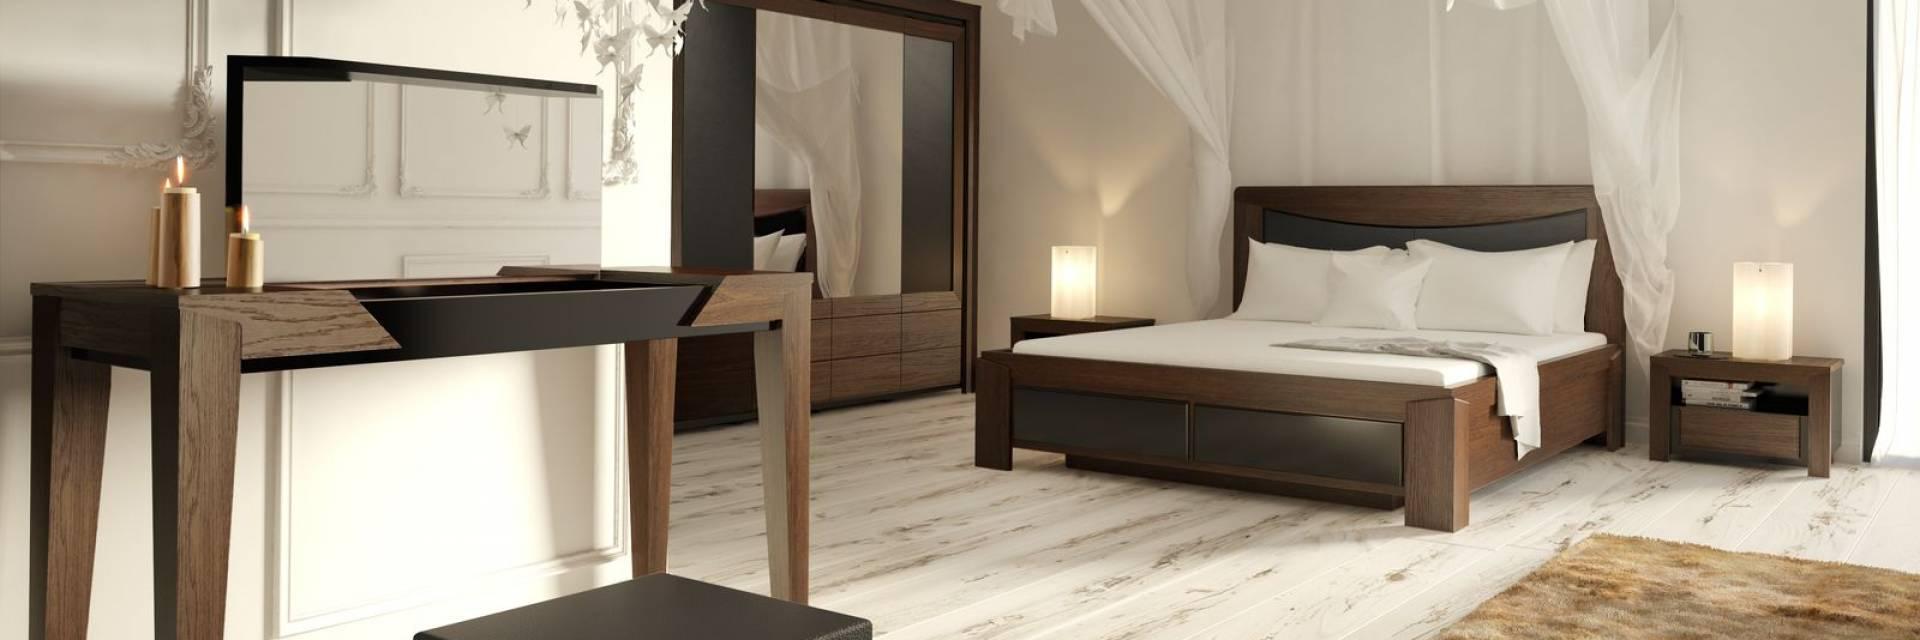 Kolekcja Mebli do Sypialni Sempre z Litego Drewna Dębowego